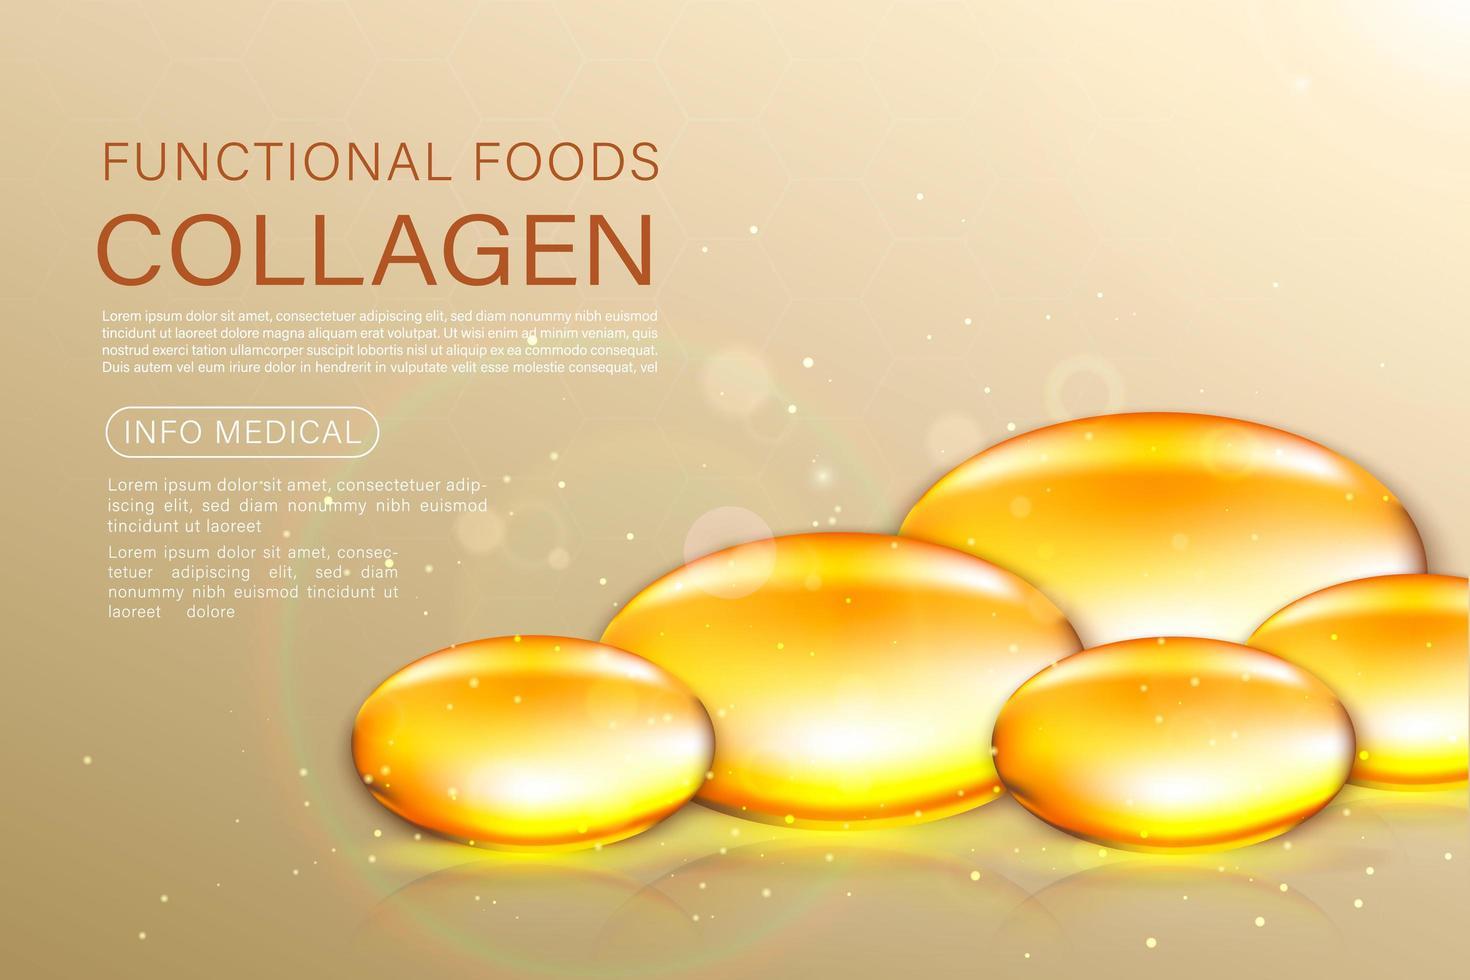 solução de tratamento anti-envelhecimento para máscara facial ouro pérola. Bolhas de óleo de ouro de 24 quilates no fundo precioso. vetor